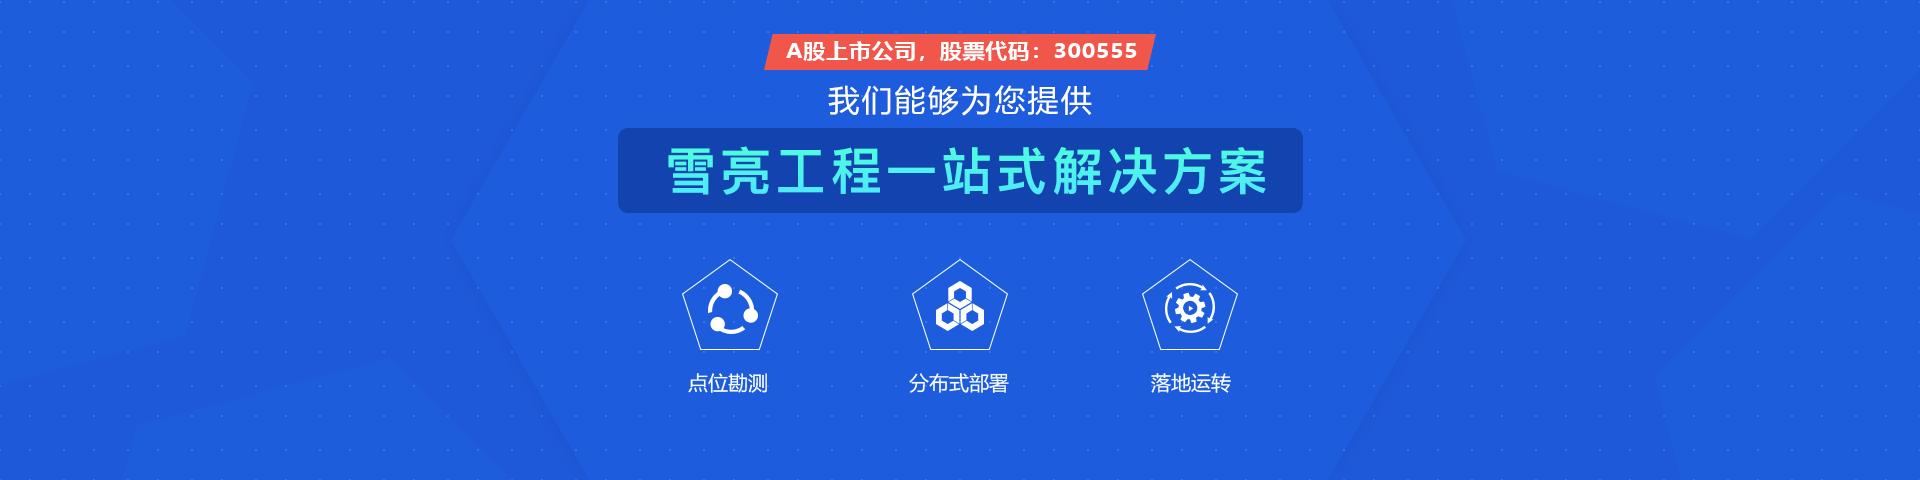 路通物联雪亮工程一站式竞博国际